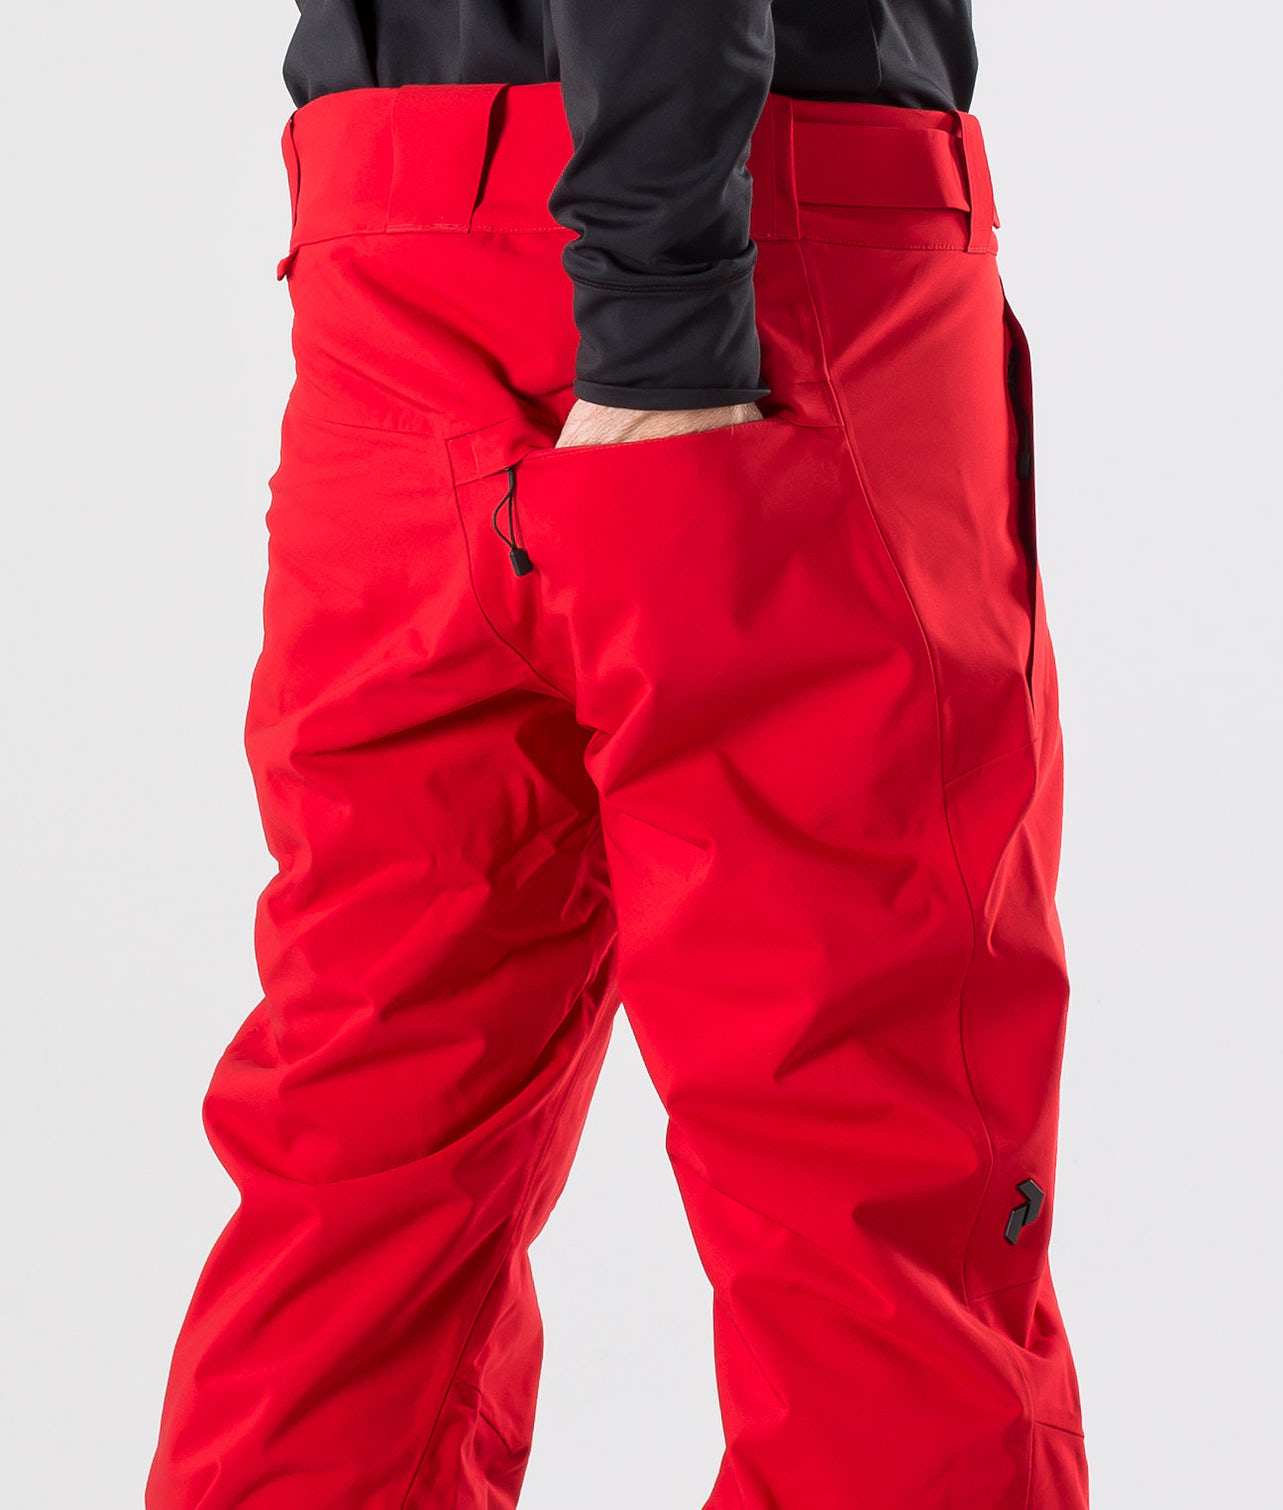 Kjøp Maroon Snowboardbukse fra Peak Performance på Ridestore.no - Hos oss har du alltid fri frakt, fri retur og 30 dagers åpent kjøp!